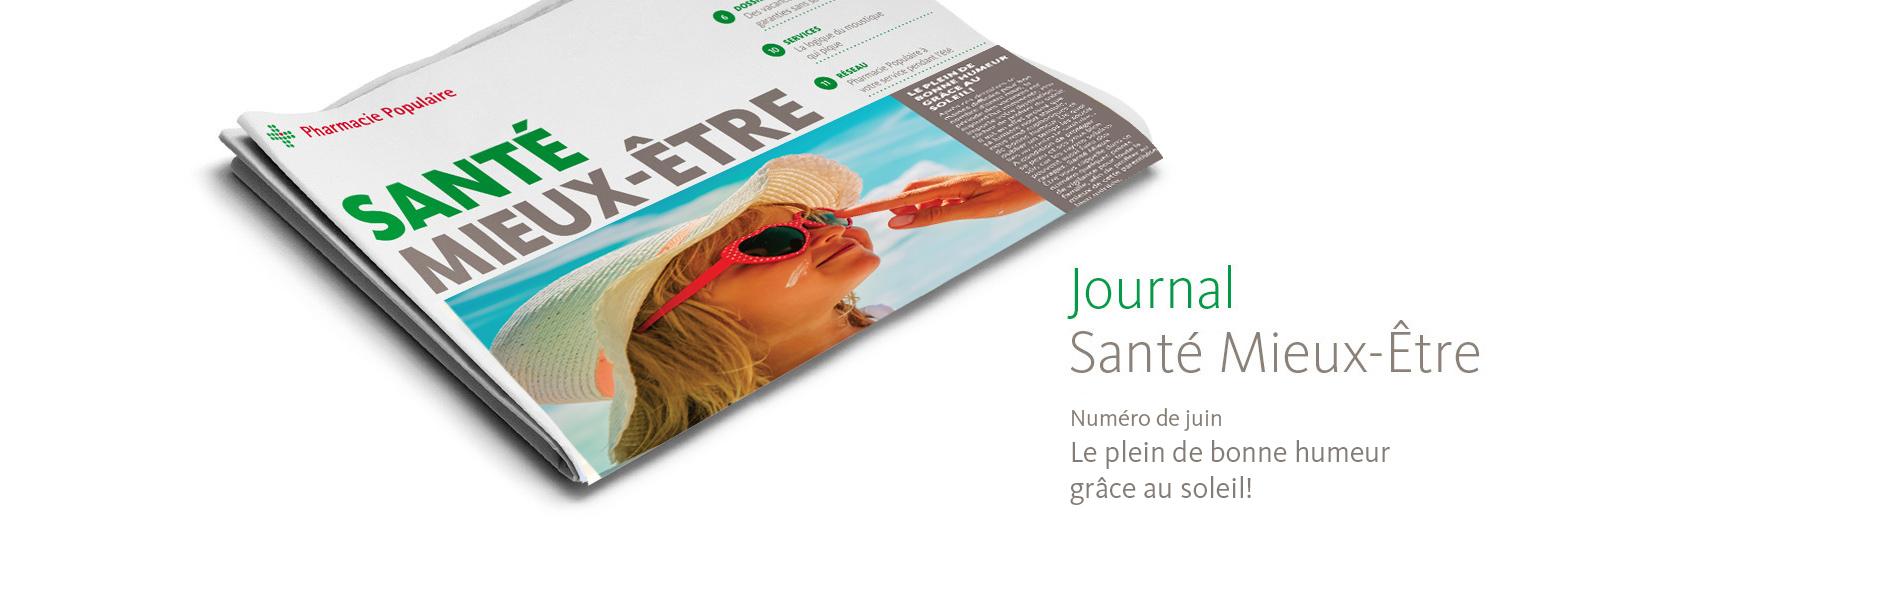 Montage Une Accueil SME69-juin